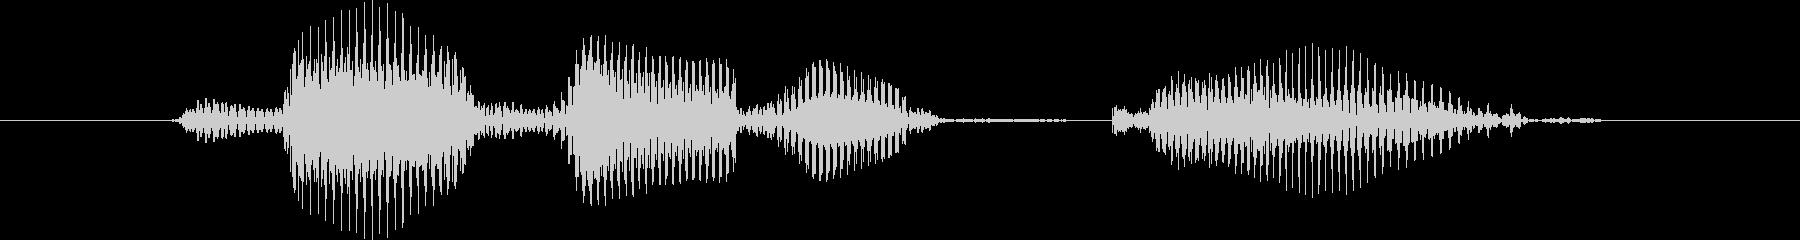 レベル10(てん)の未再生の波形